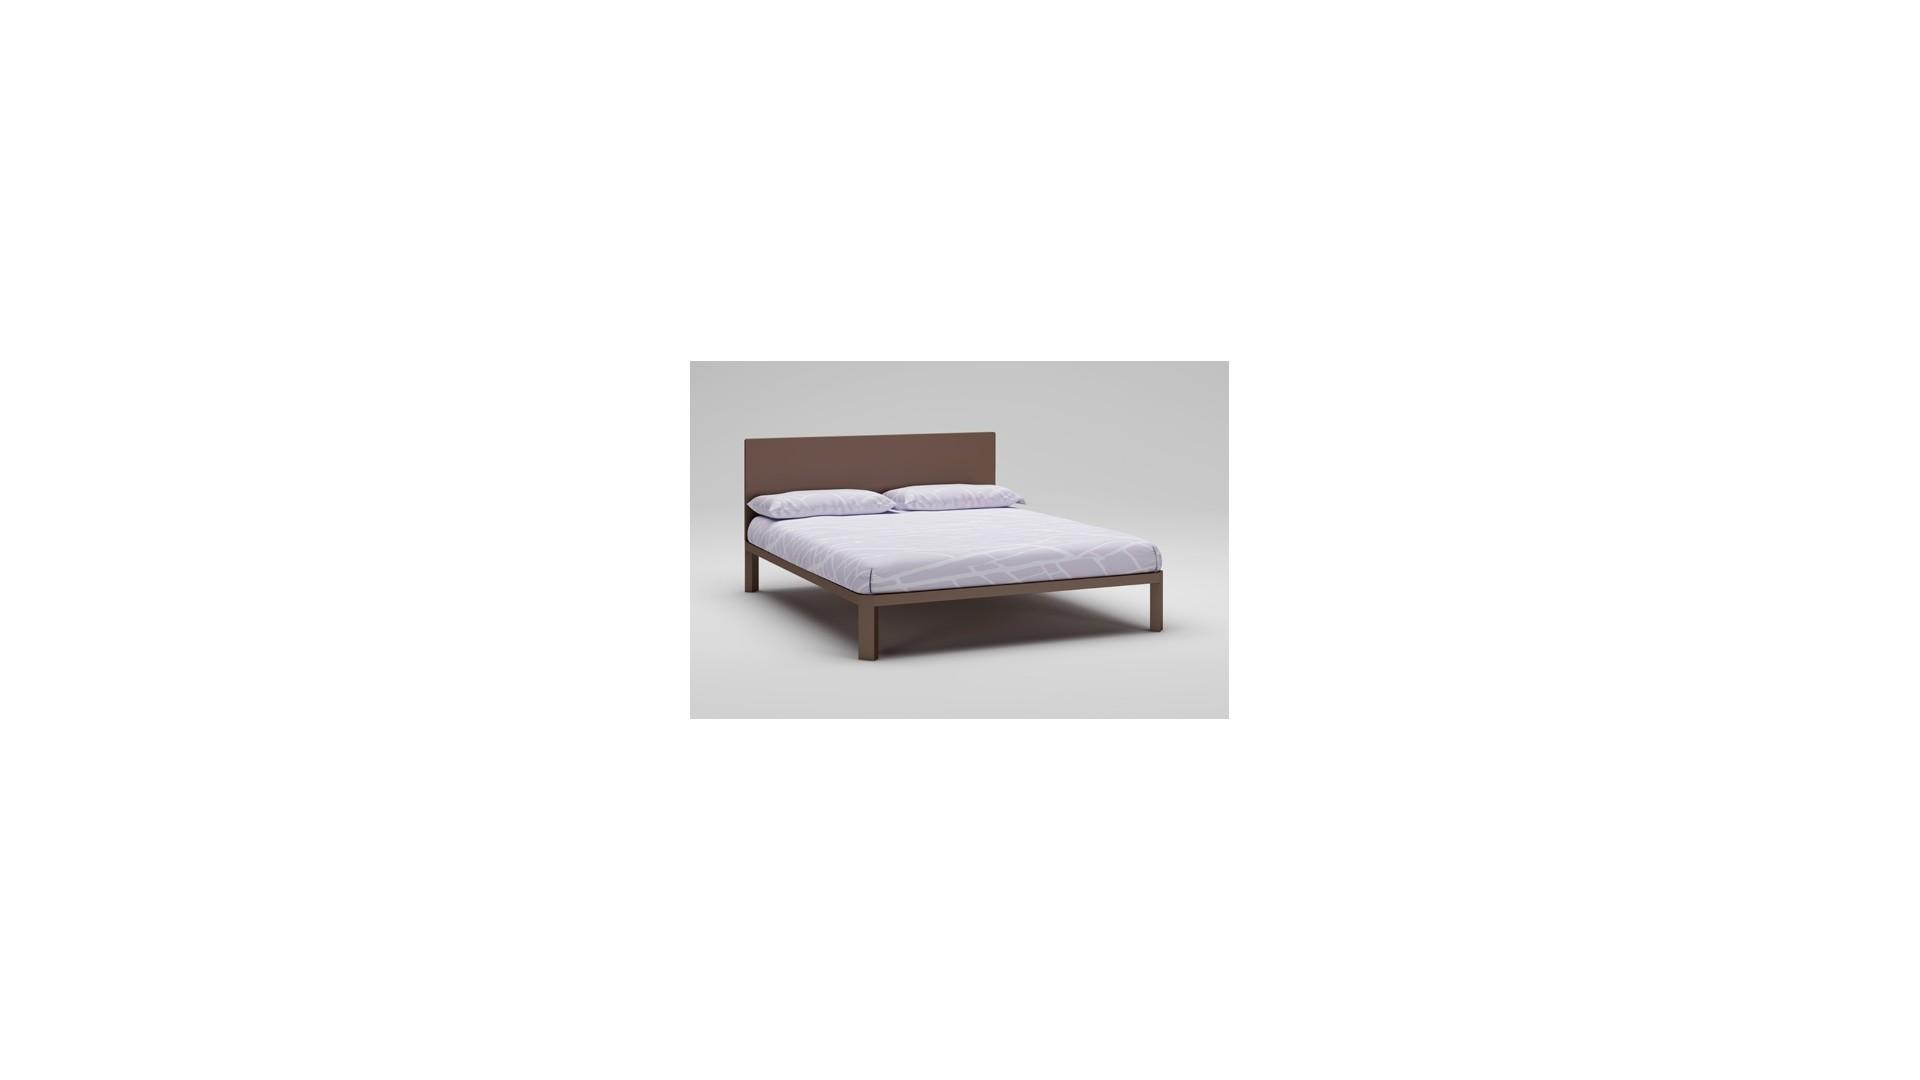 Lit double PERSONNALISABLE WL109 laqué mat couleur chocolat avec couchage de 160 x 200 - MORETTI COMPACT